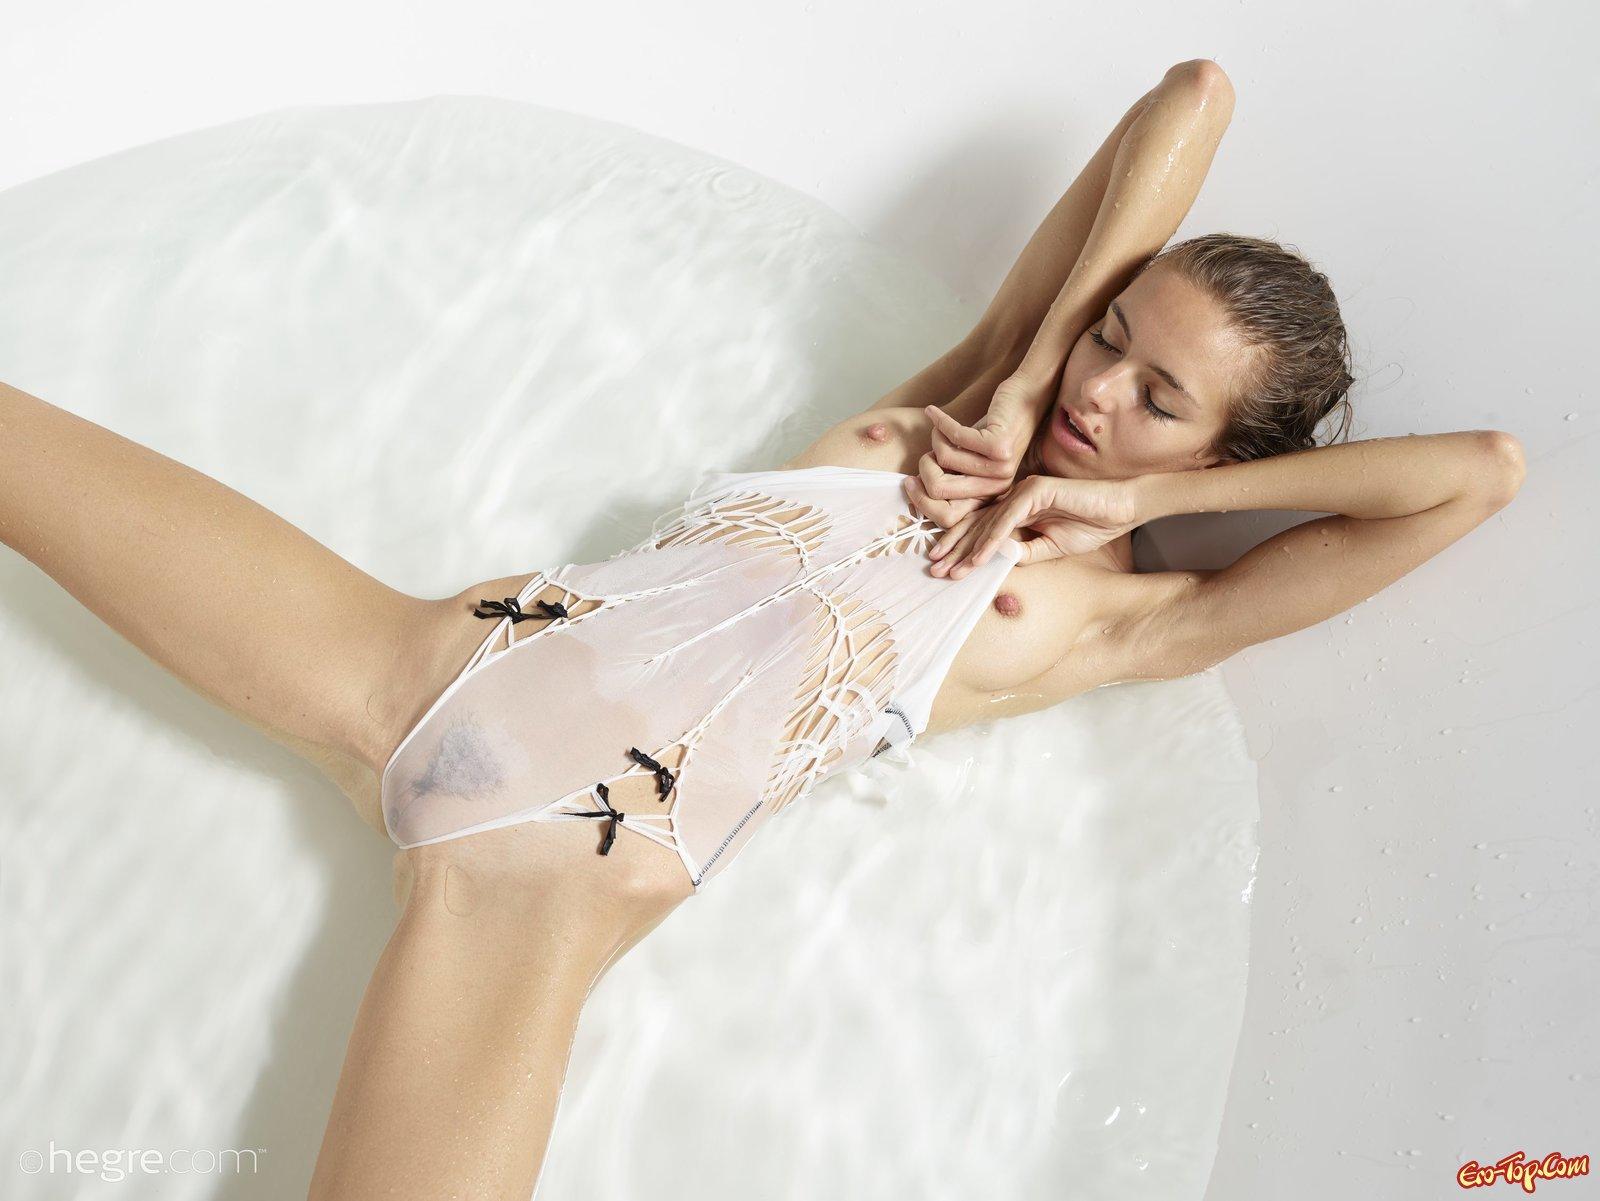 Худышка с плоской грудью нежится в ванной